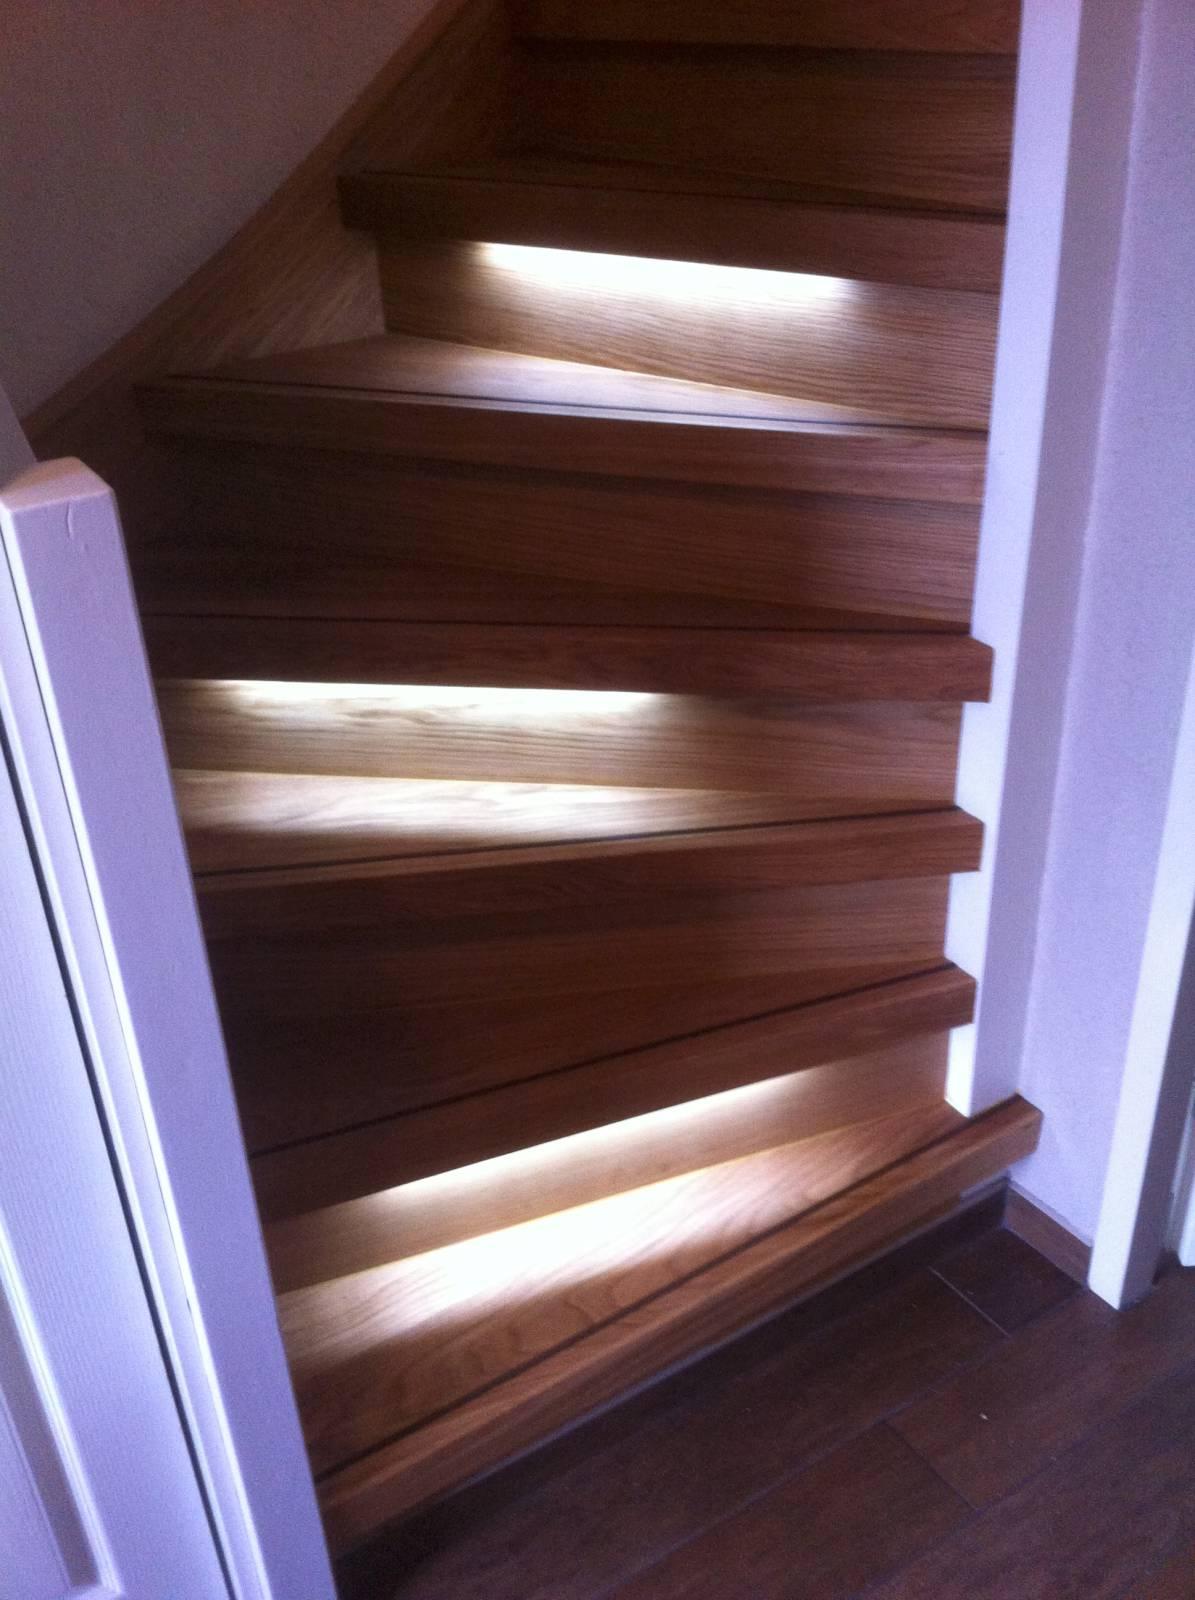 Hout laminaat of tapijt traprenovatie vloerrenovatie voordelig en professioneel - Tapijt badkamer hout ...